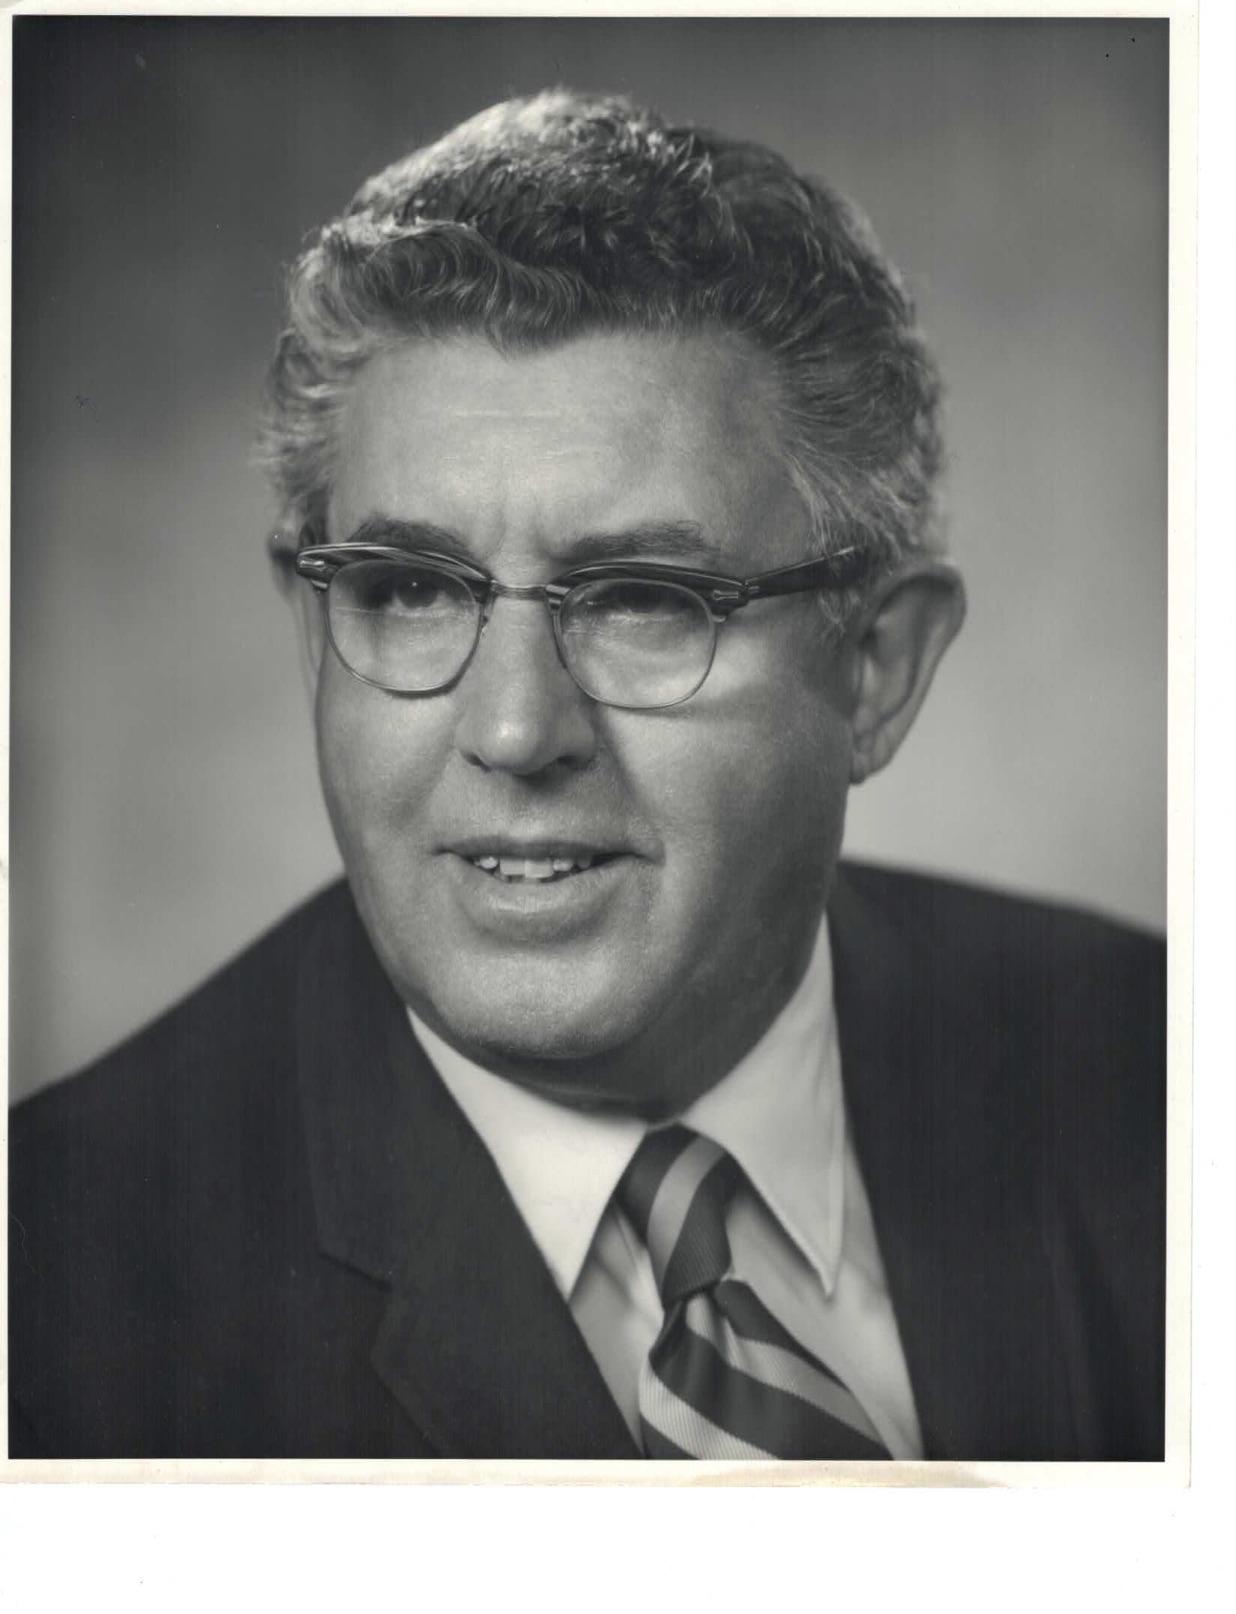 J. EDGAR GREEN 1975-76